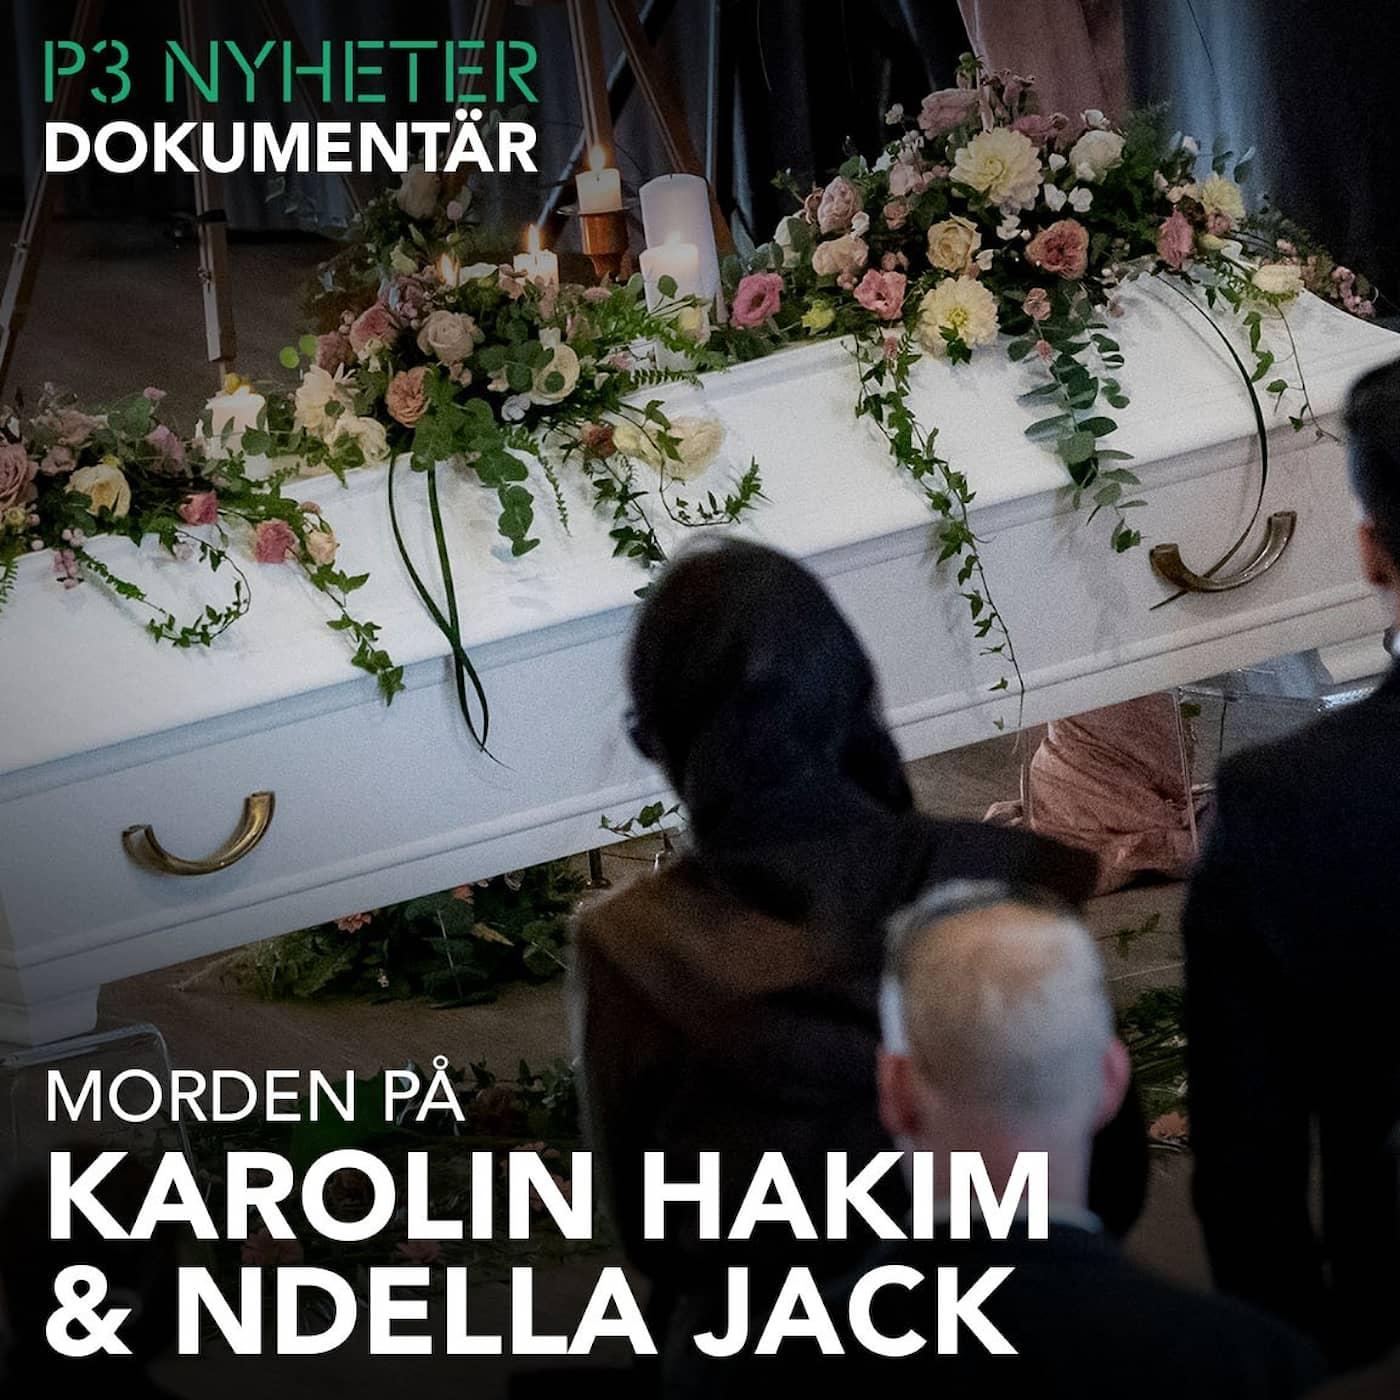 Morden på Karolin Hakim och Ndella Jack - P3 Nyheter Dokumentär